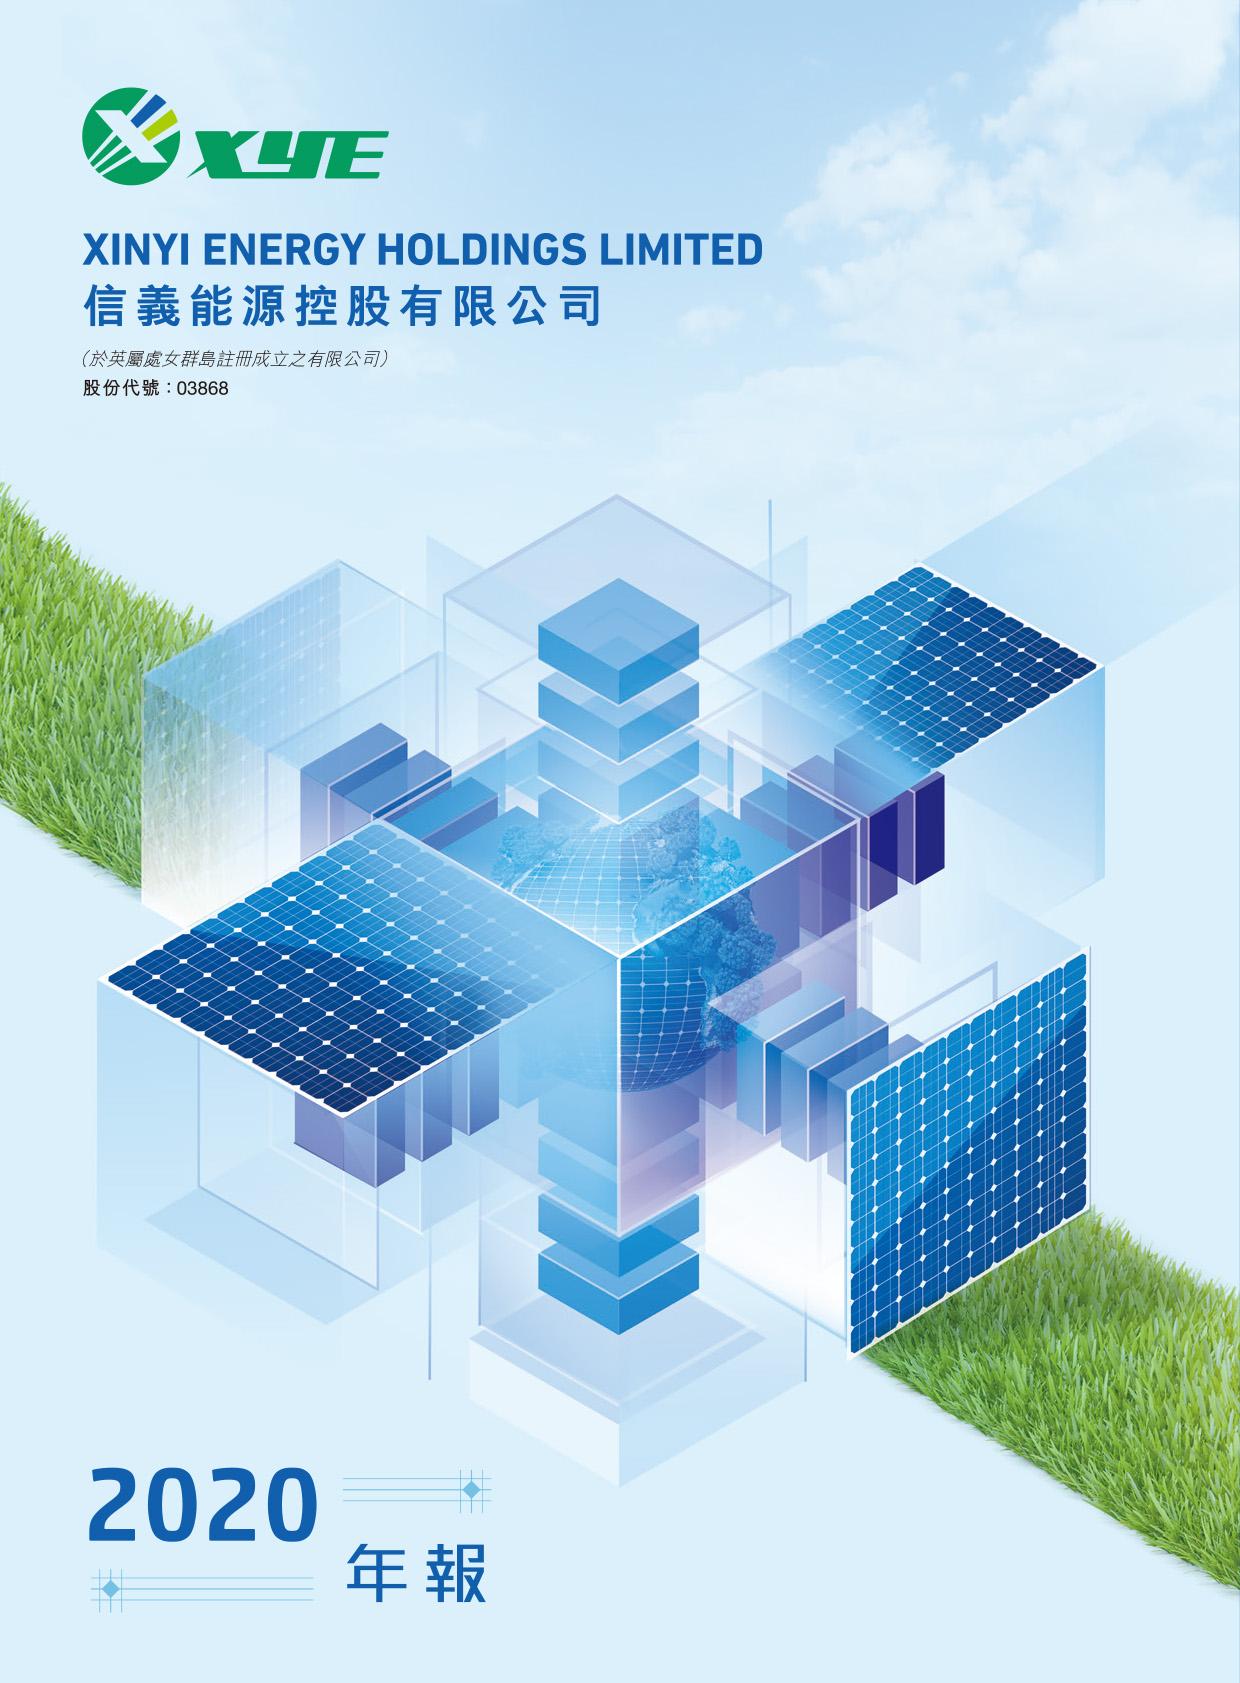 信义能源有限公司